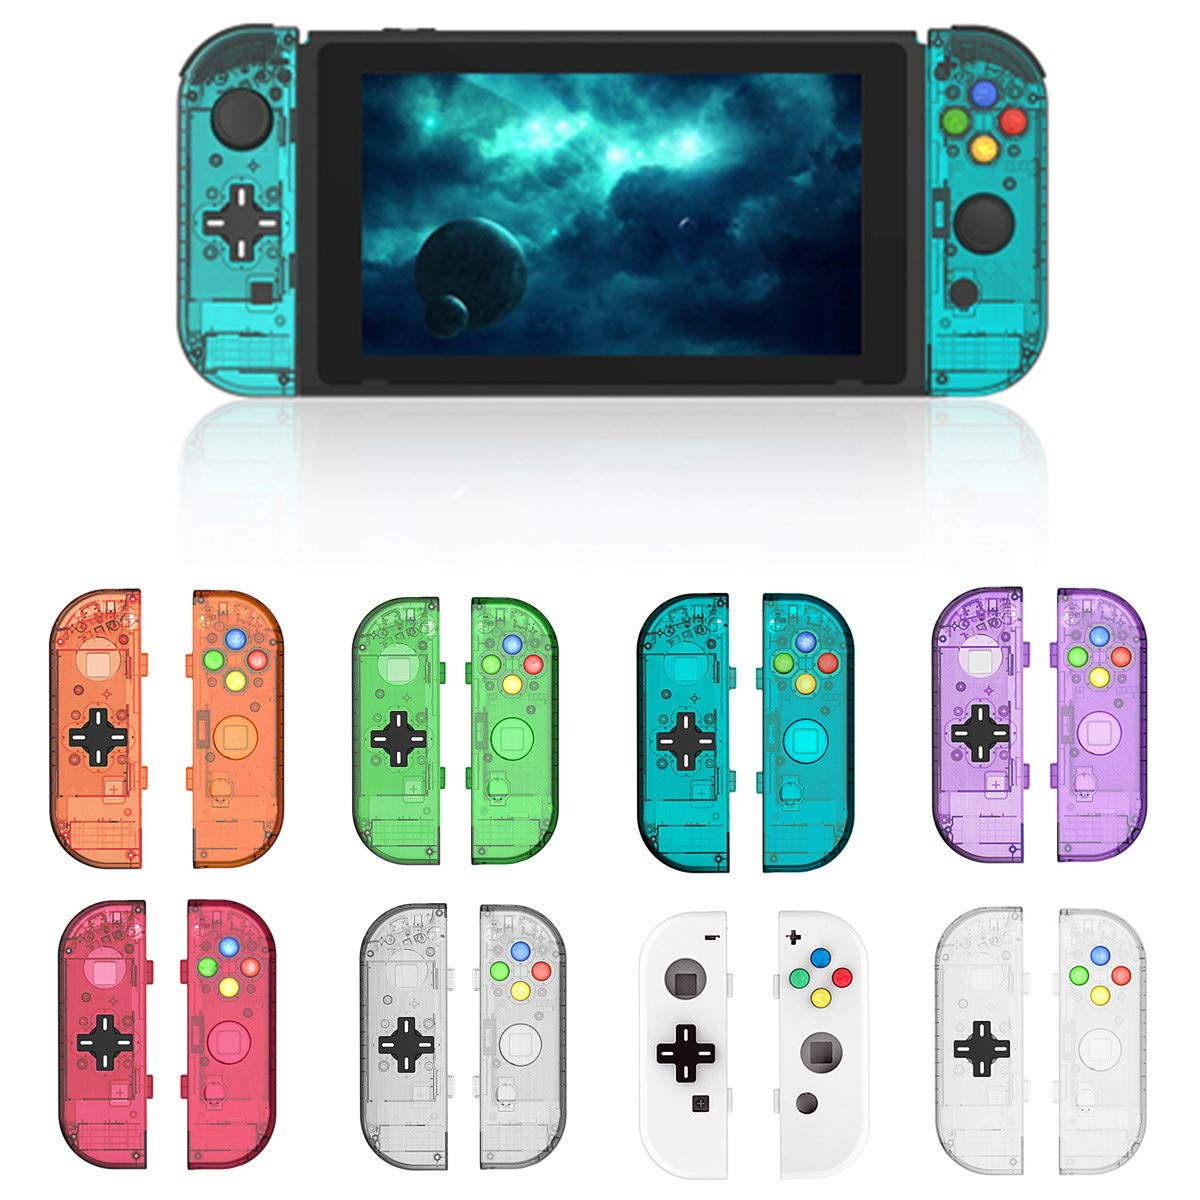 MYAMIA Manijas Carcasa Protectora Accesorios De Repuesto Protectores para Nintendo Switch Joy-con Controller-Azul: Amazon.es: Hogar